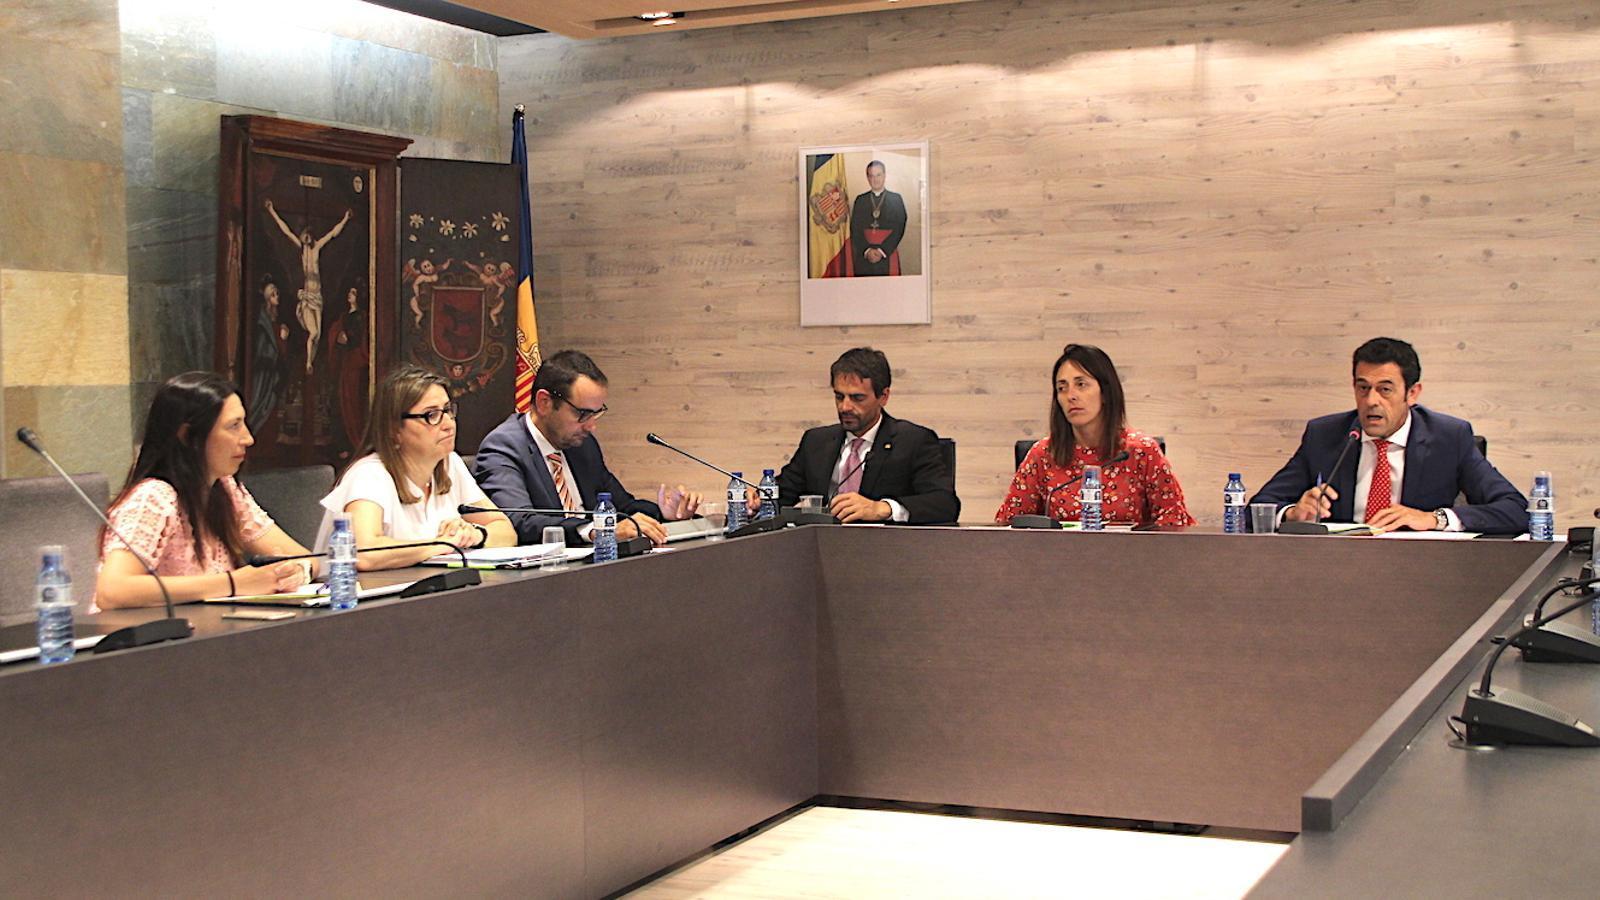 Un moment del consell de comú d'Ordino celebrat aquest dijous. / C. G. (ANA)